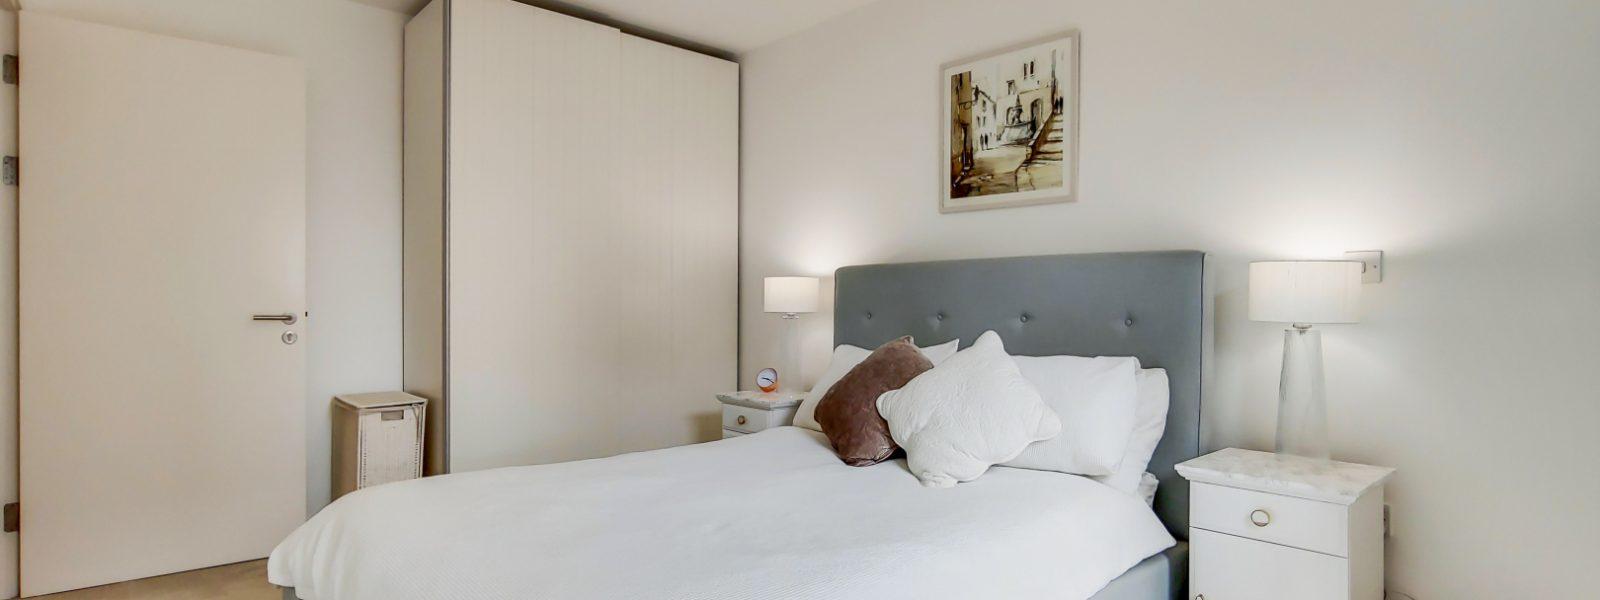 5_Main Bedroom-1